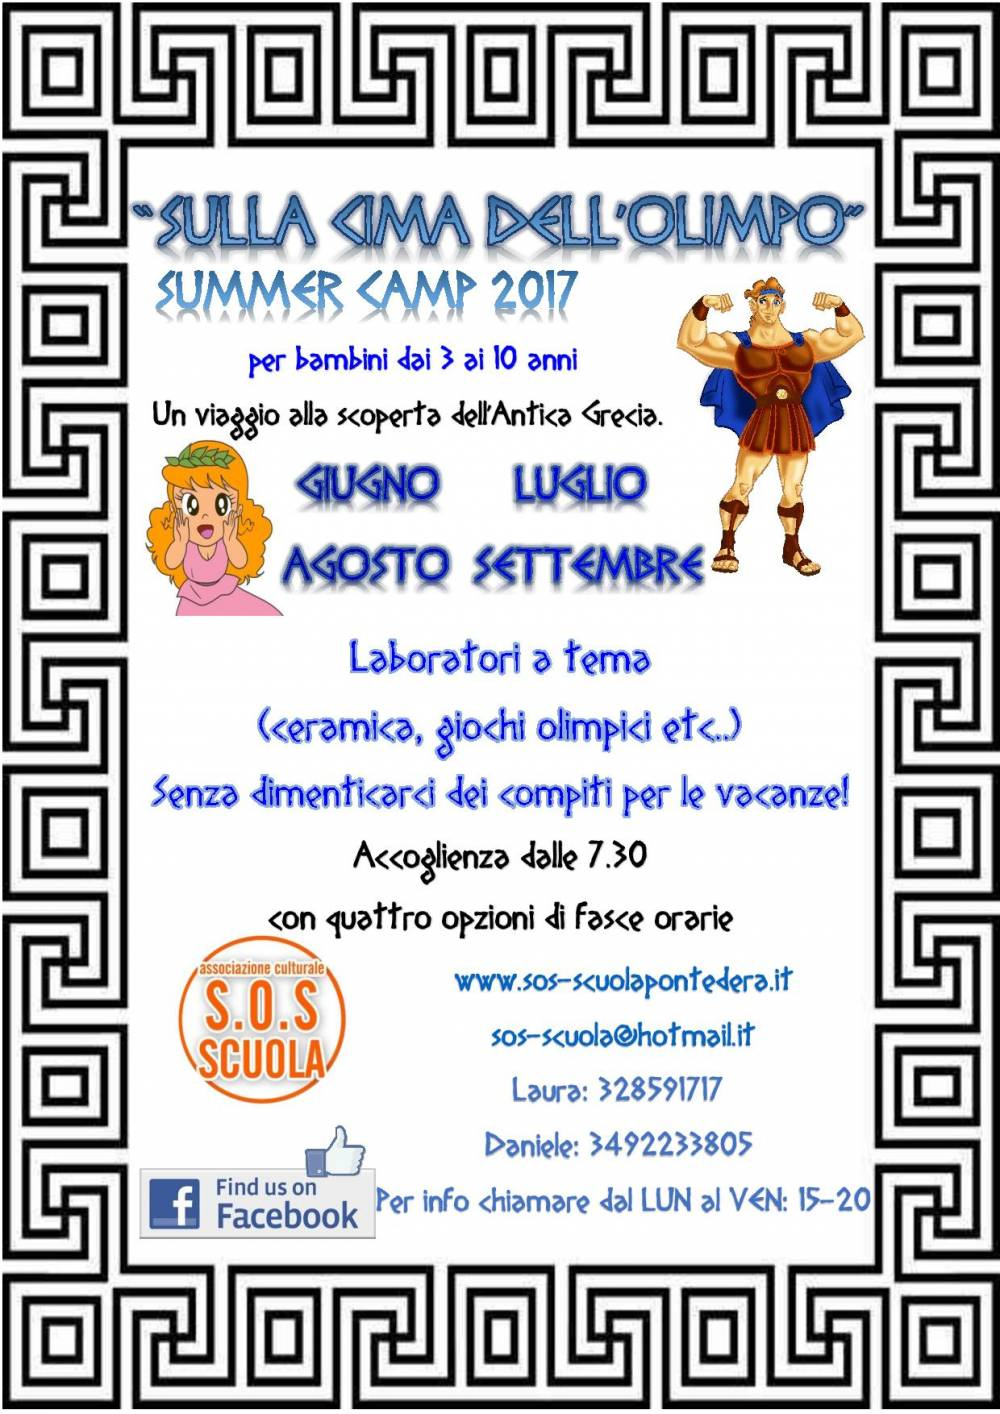 locandina dei campi estivi 2017 di S.O.S Scuola di Pontedera